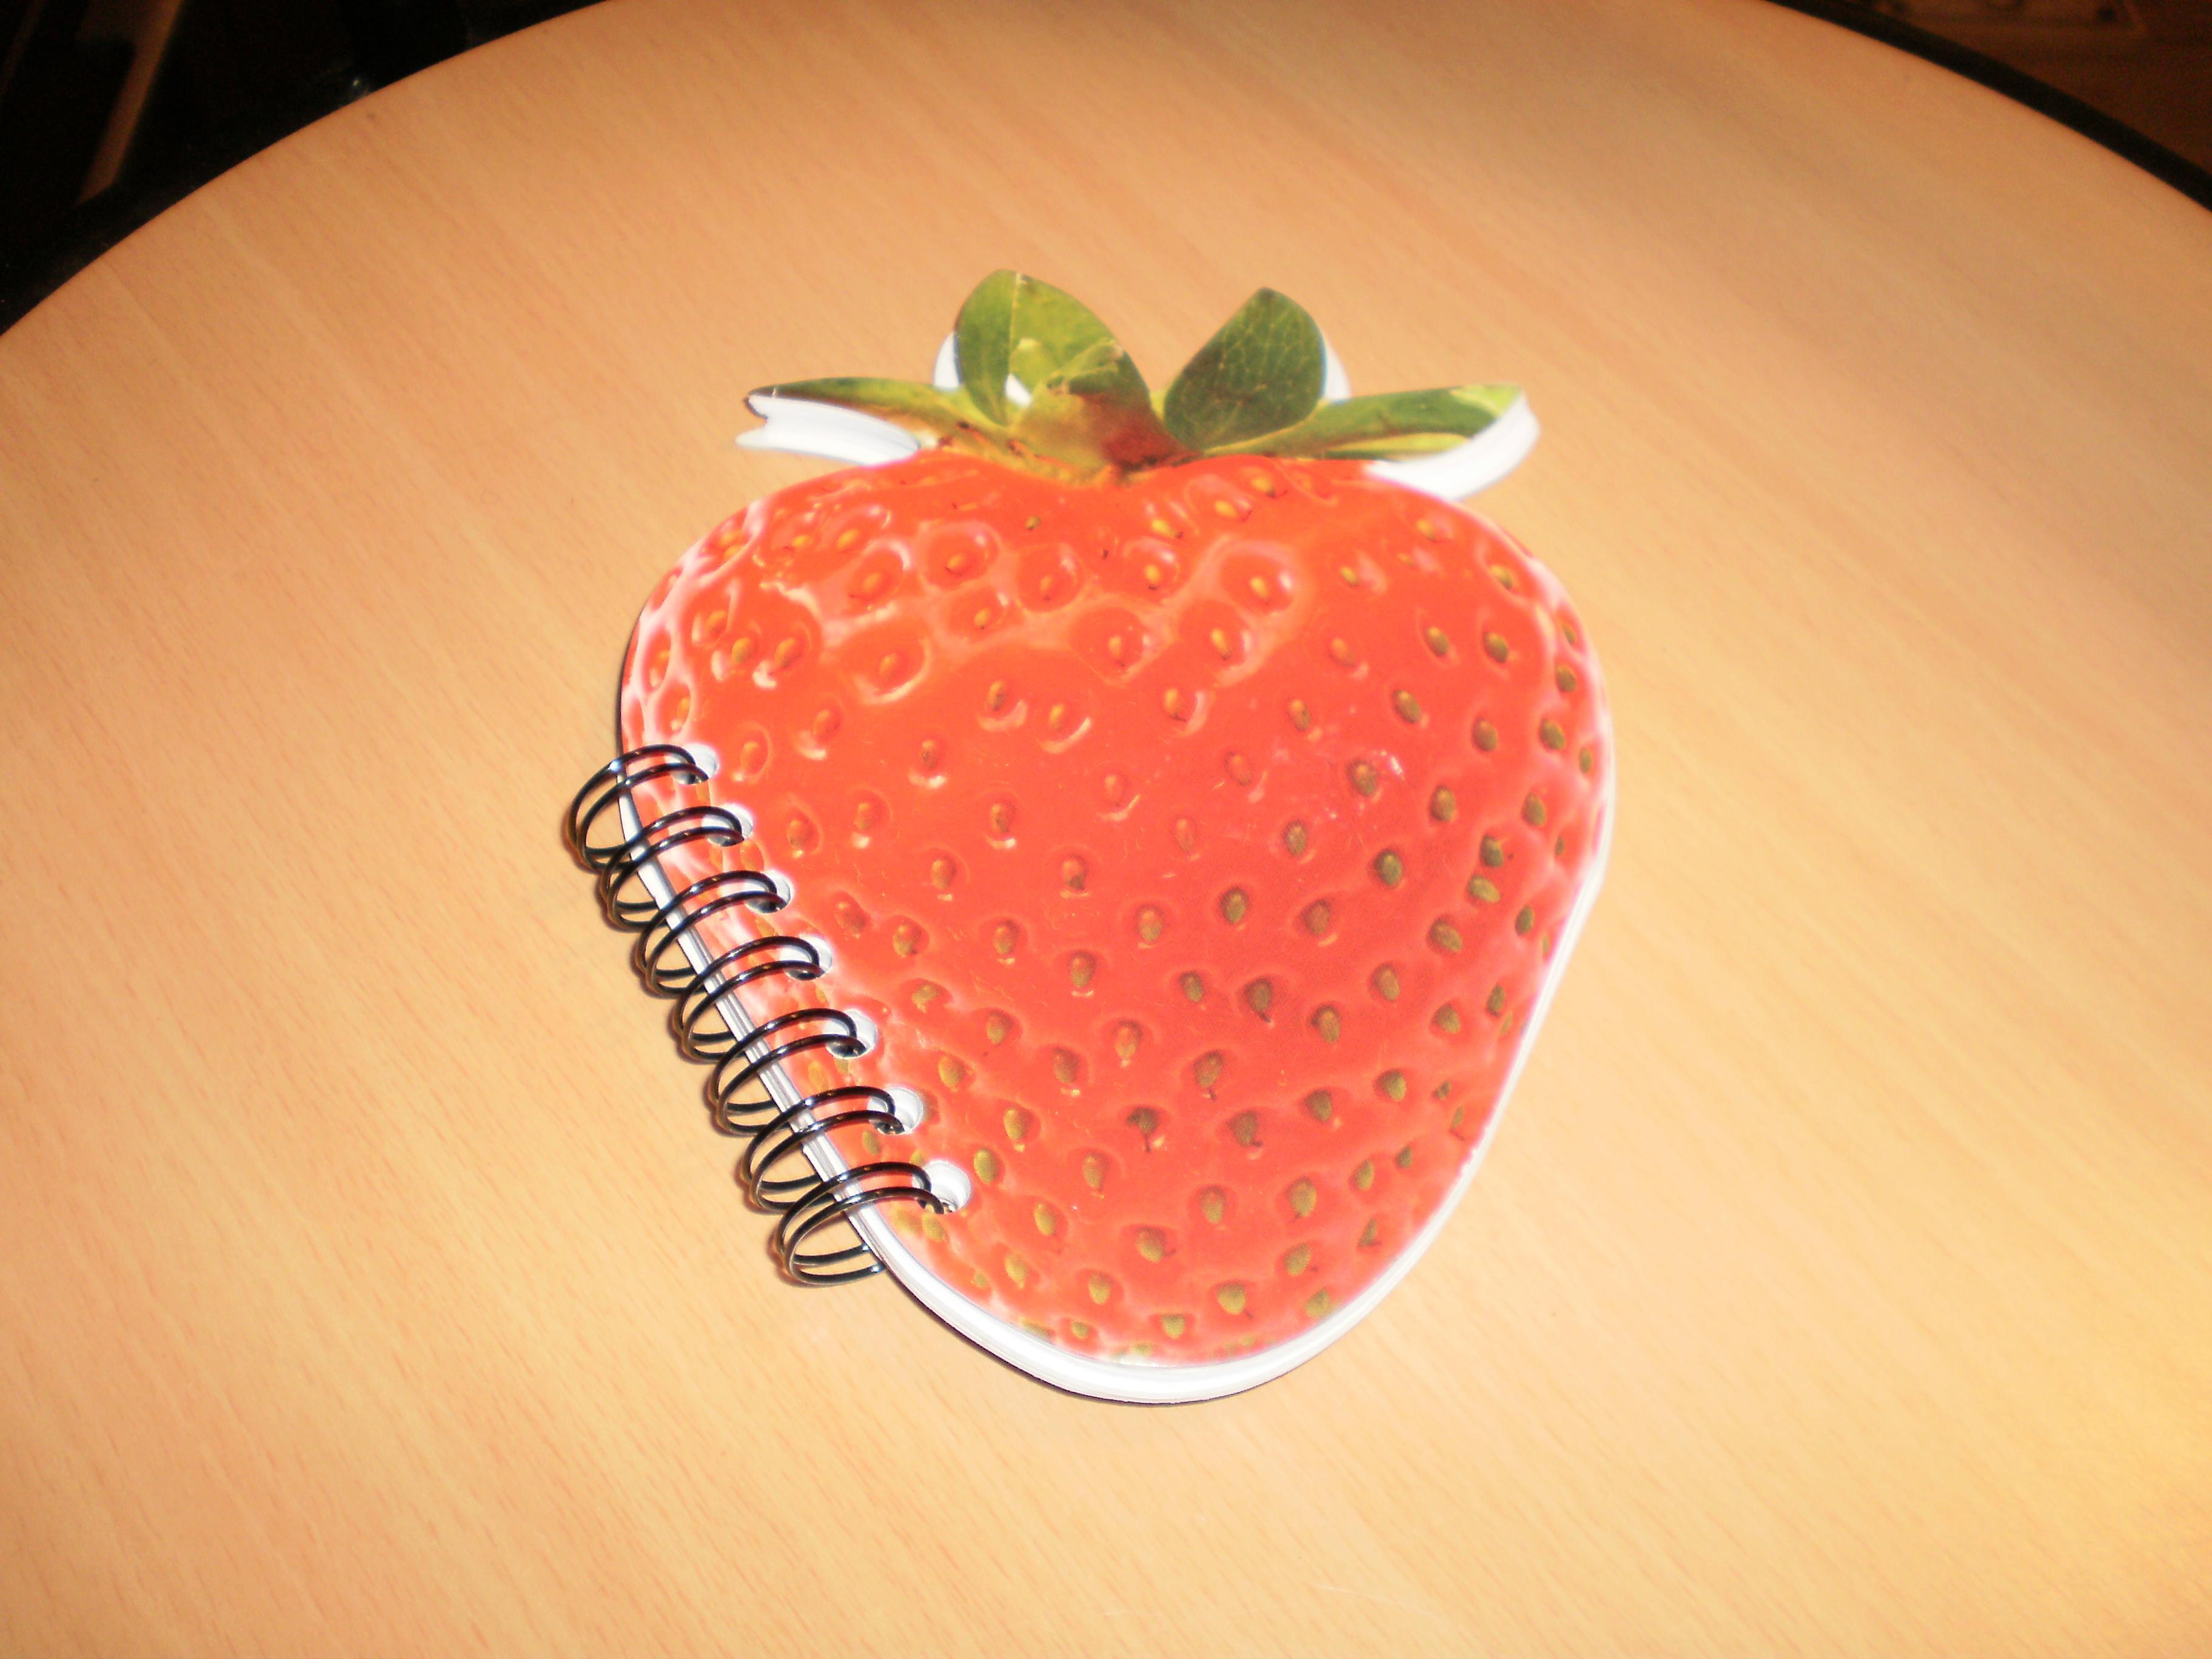 troc de troc réservé,calepin neuf forme fraise 14x10 image 1